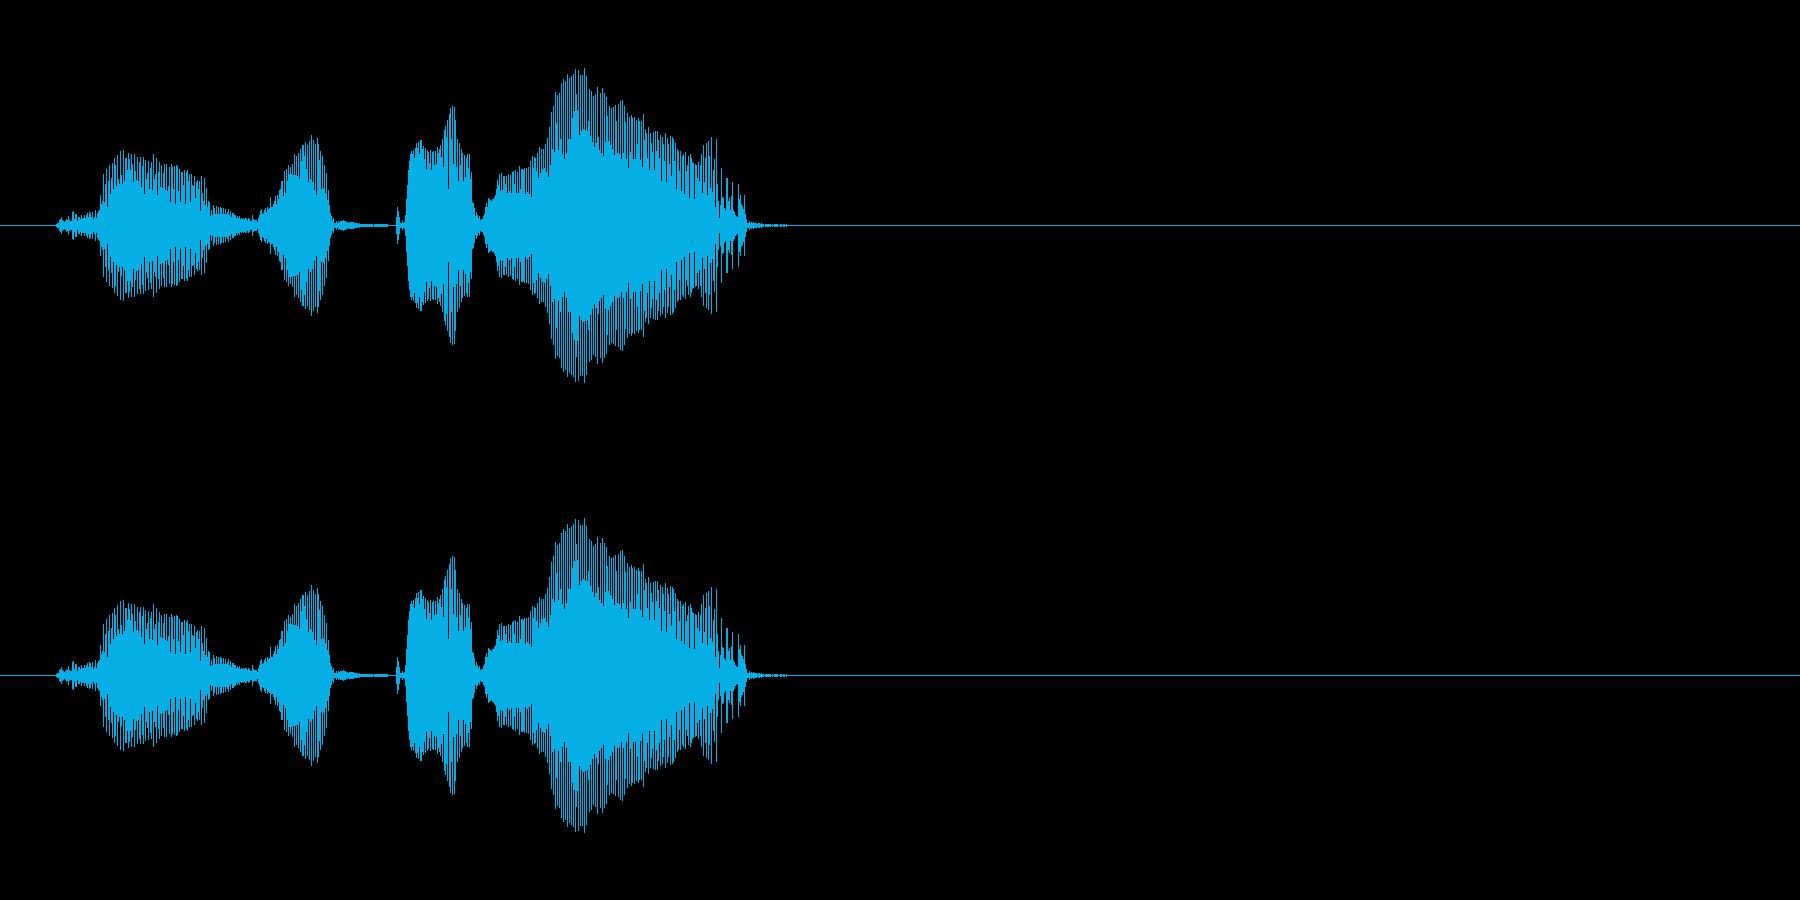 「なんじゃこりゃ」の再生済みの波形